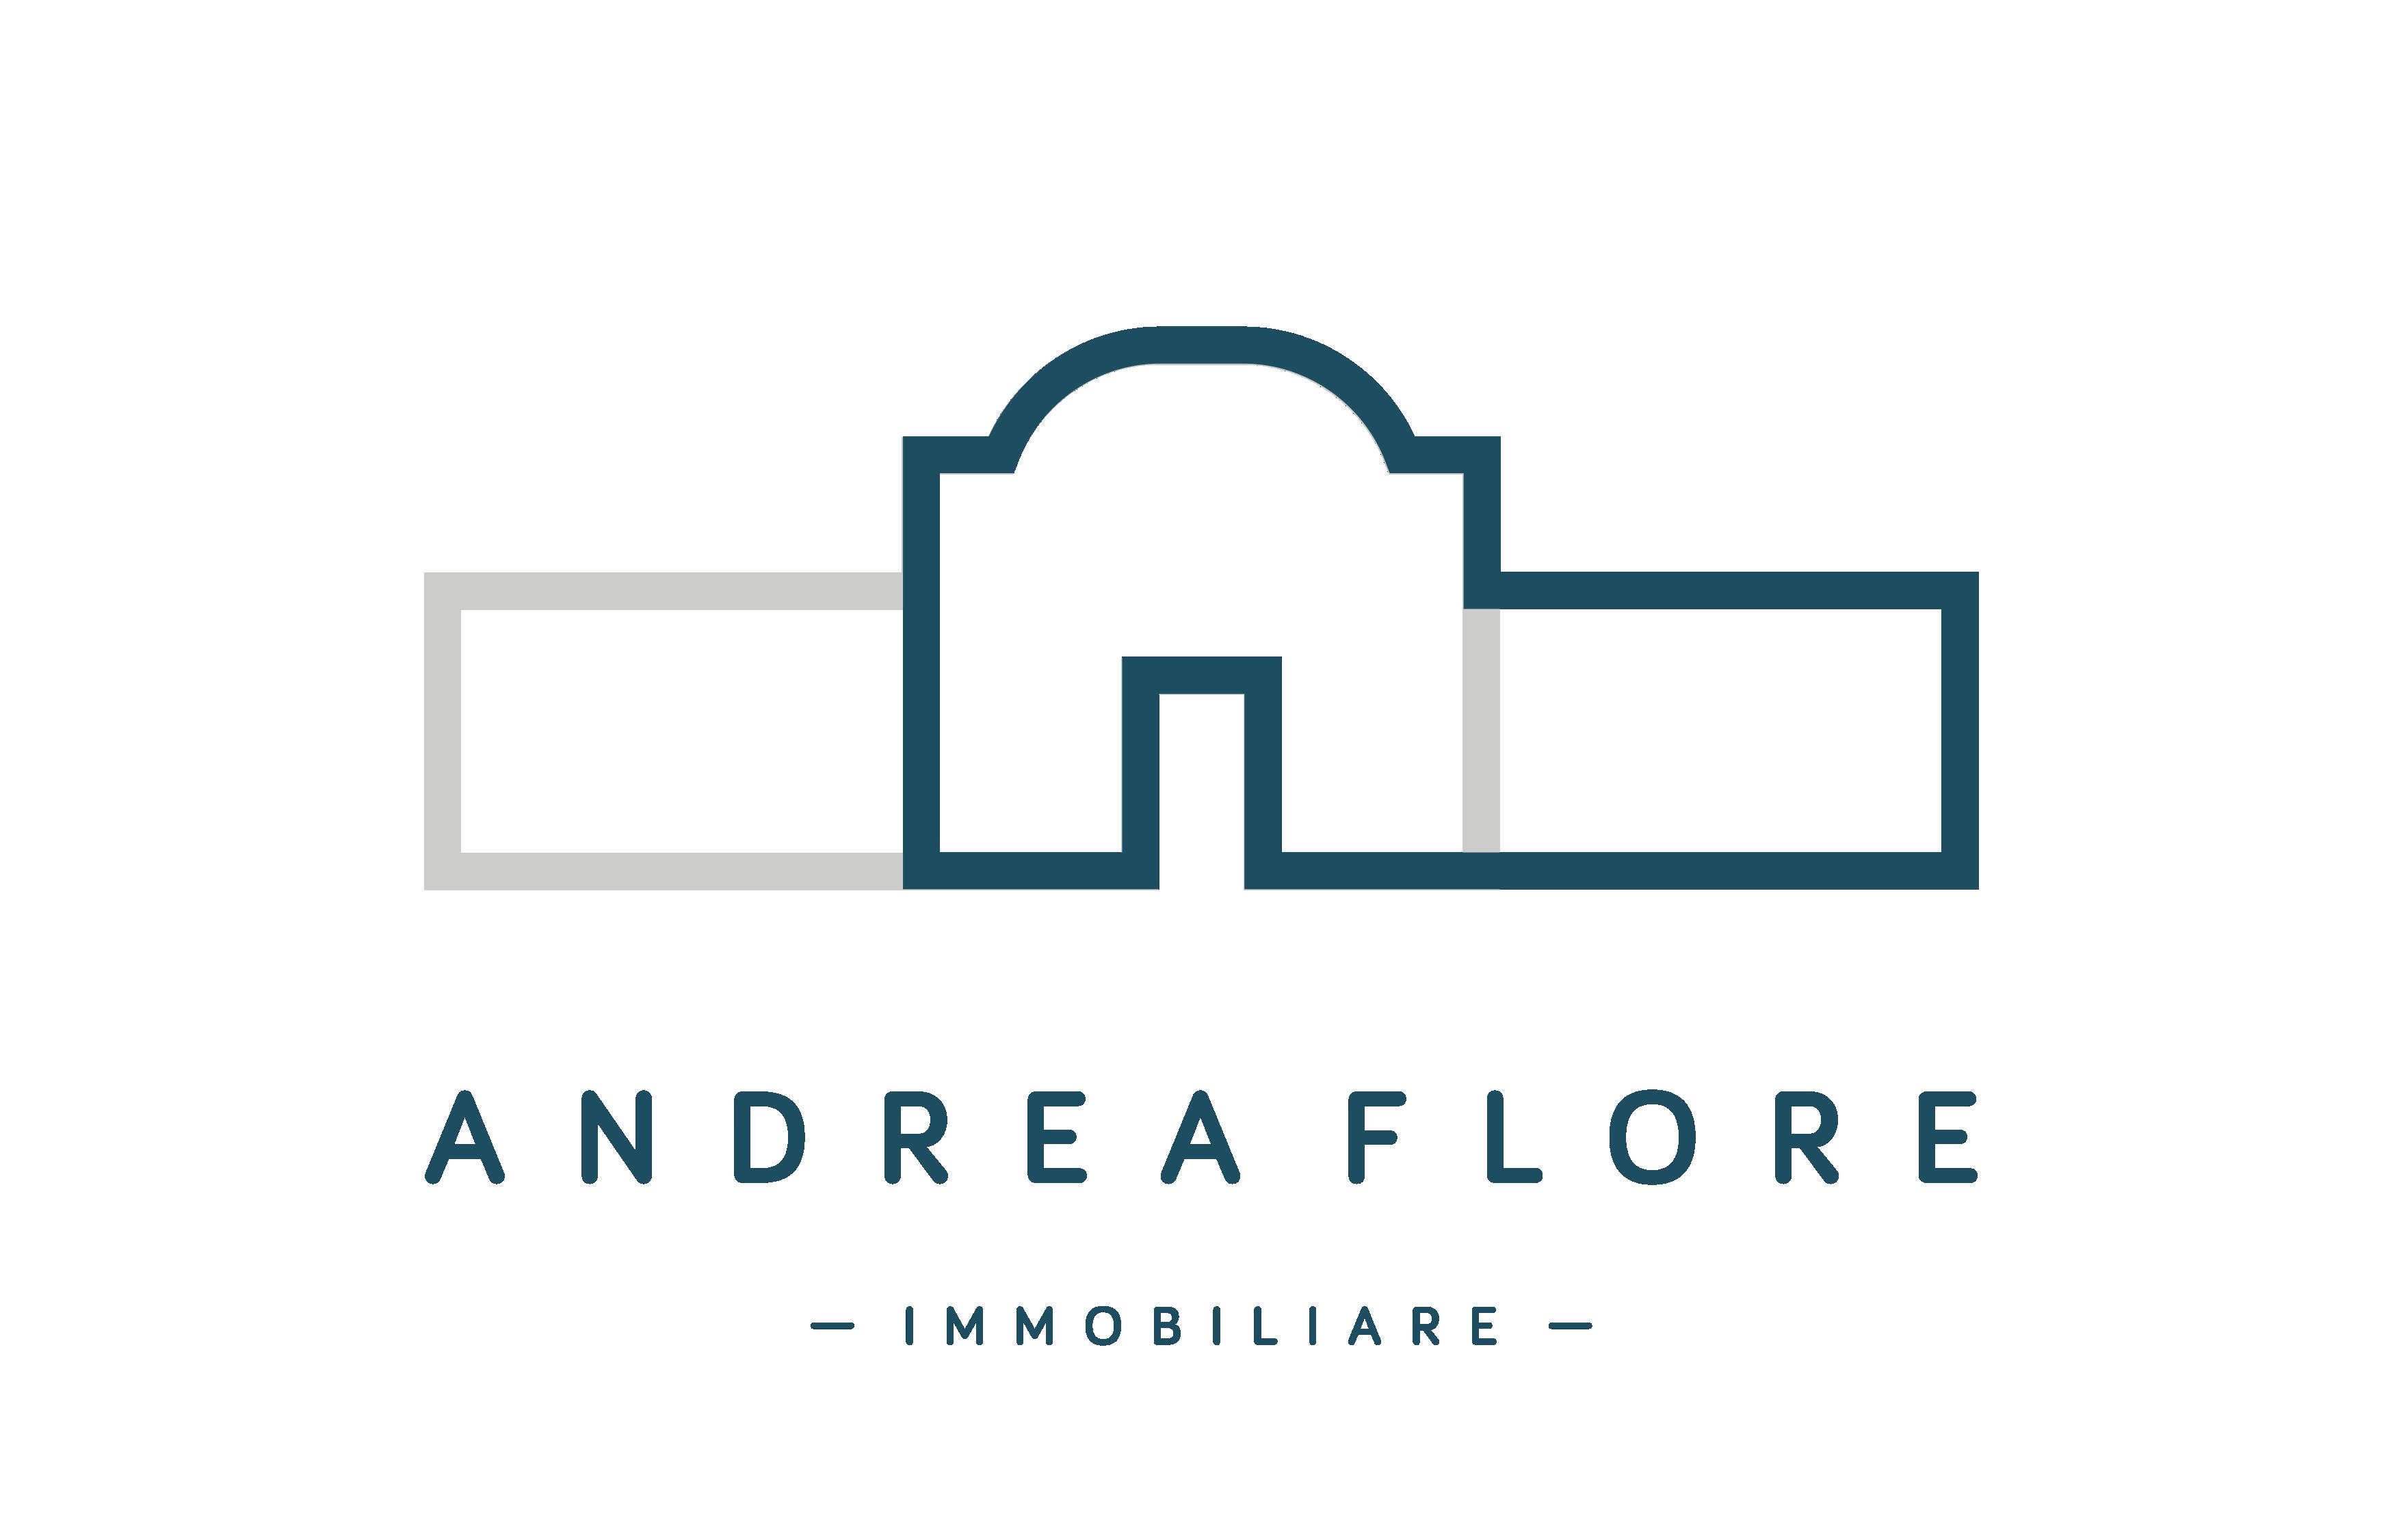 Flore Immobiliare